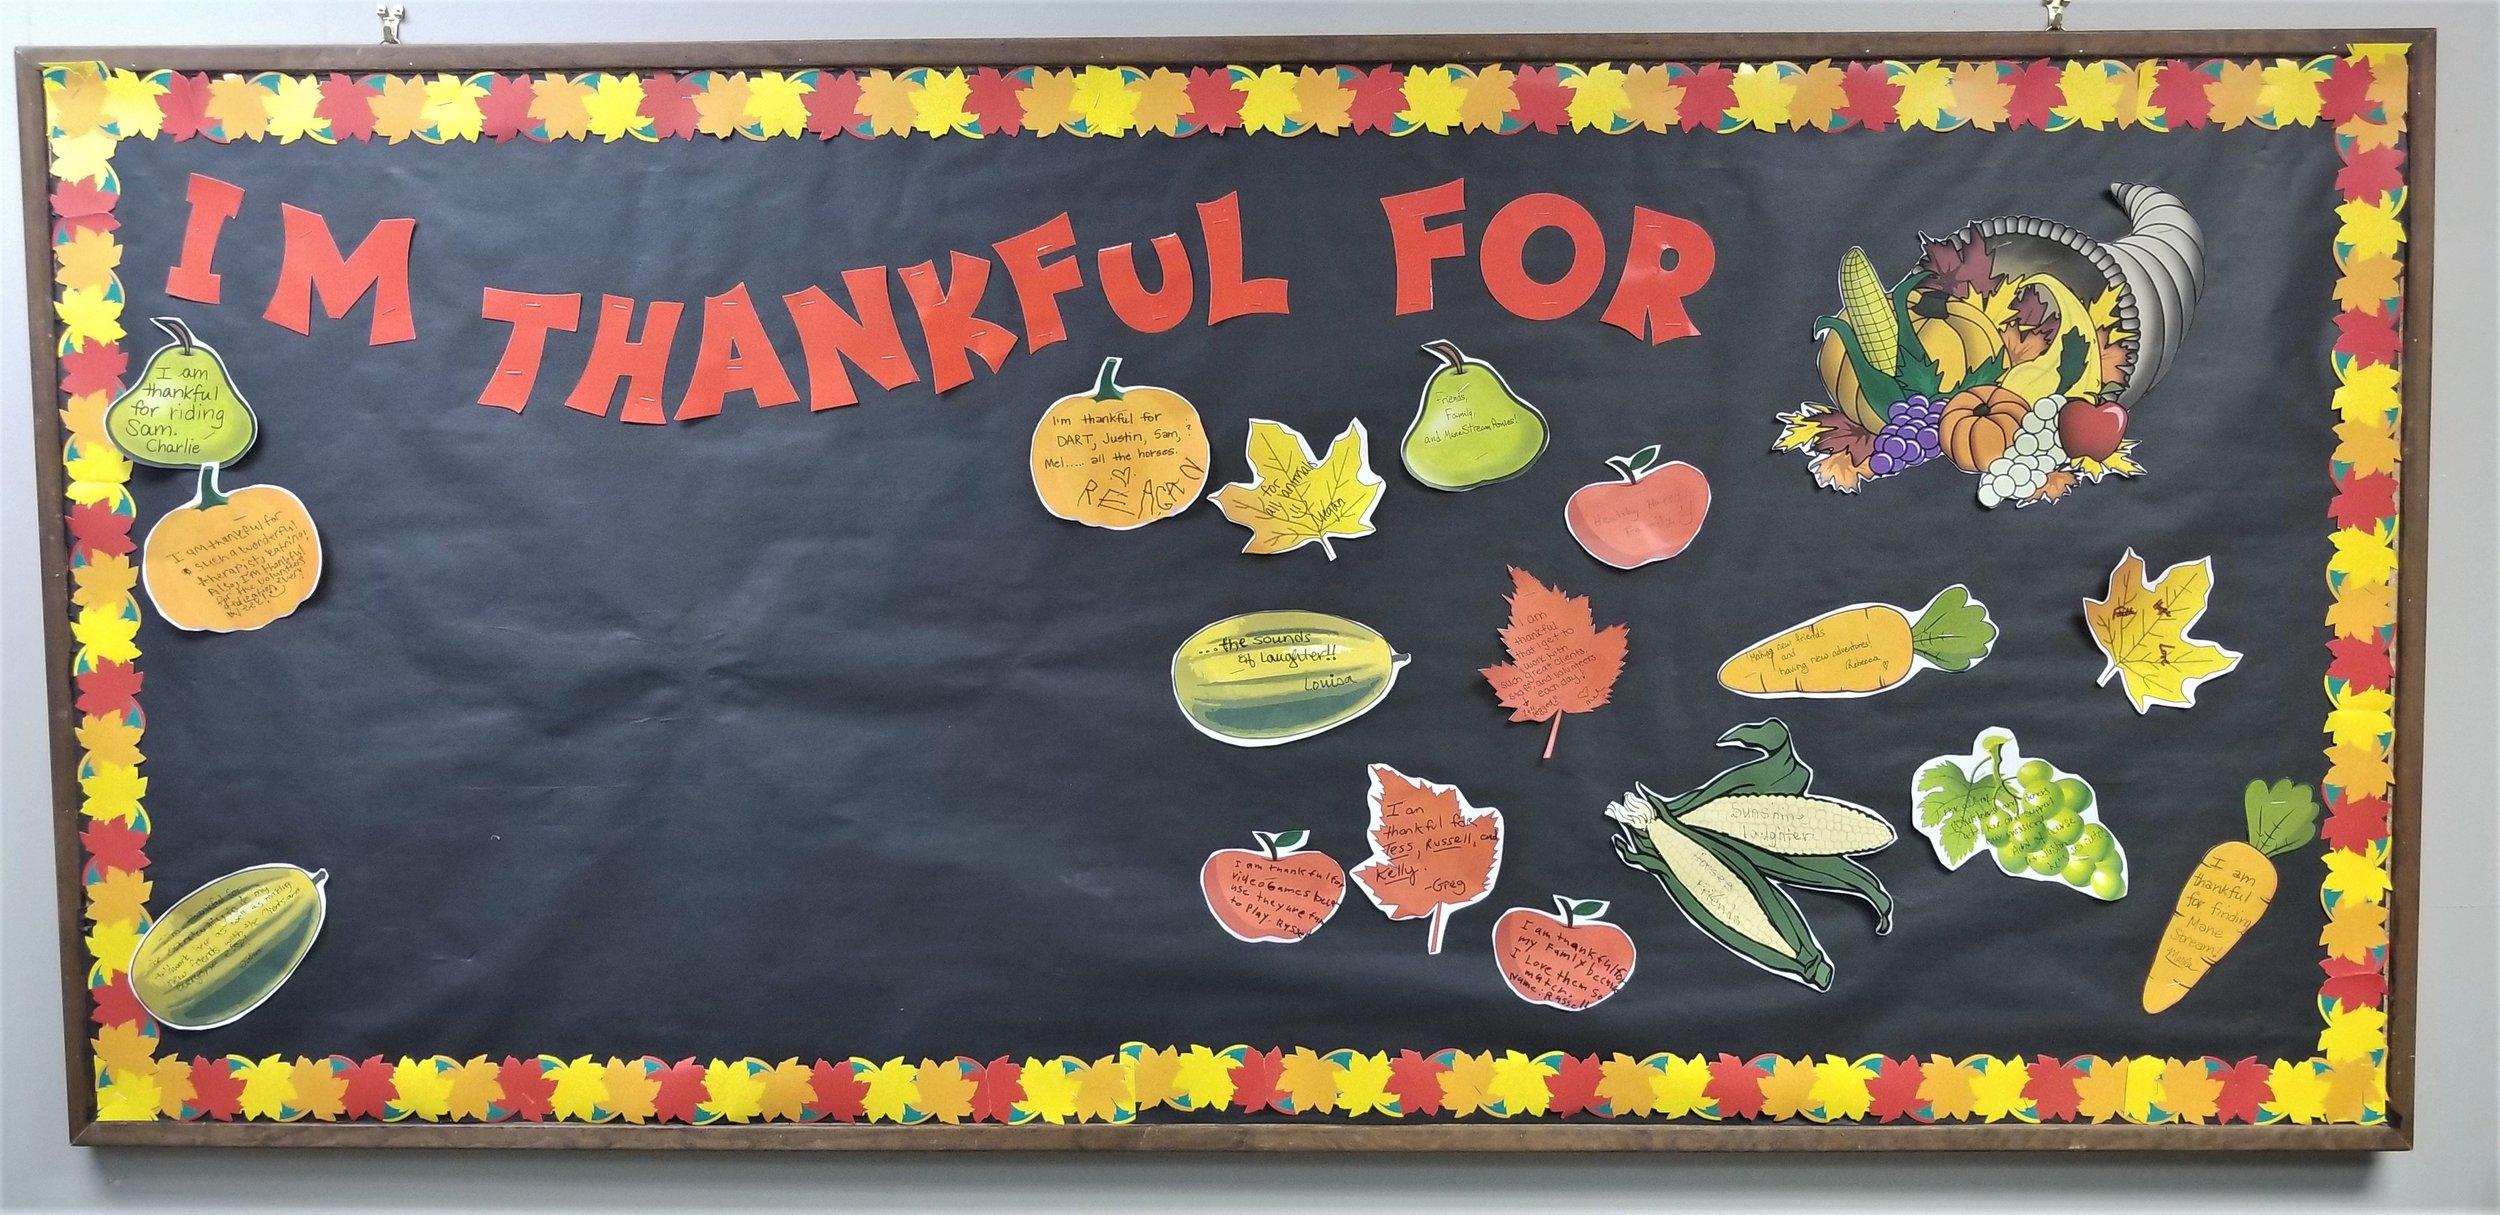 November 2018 - I'm thankful for.jpg